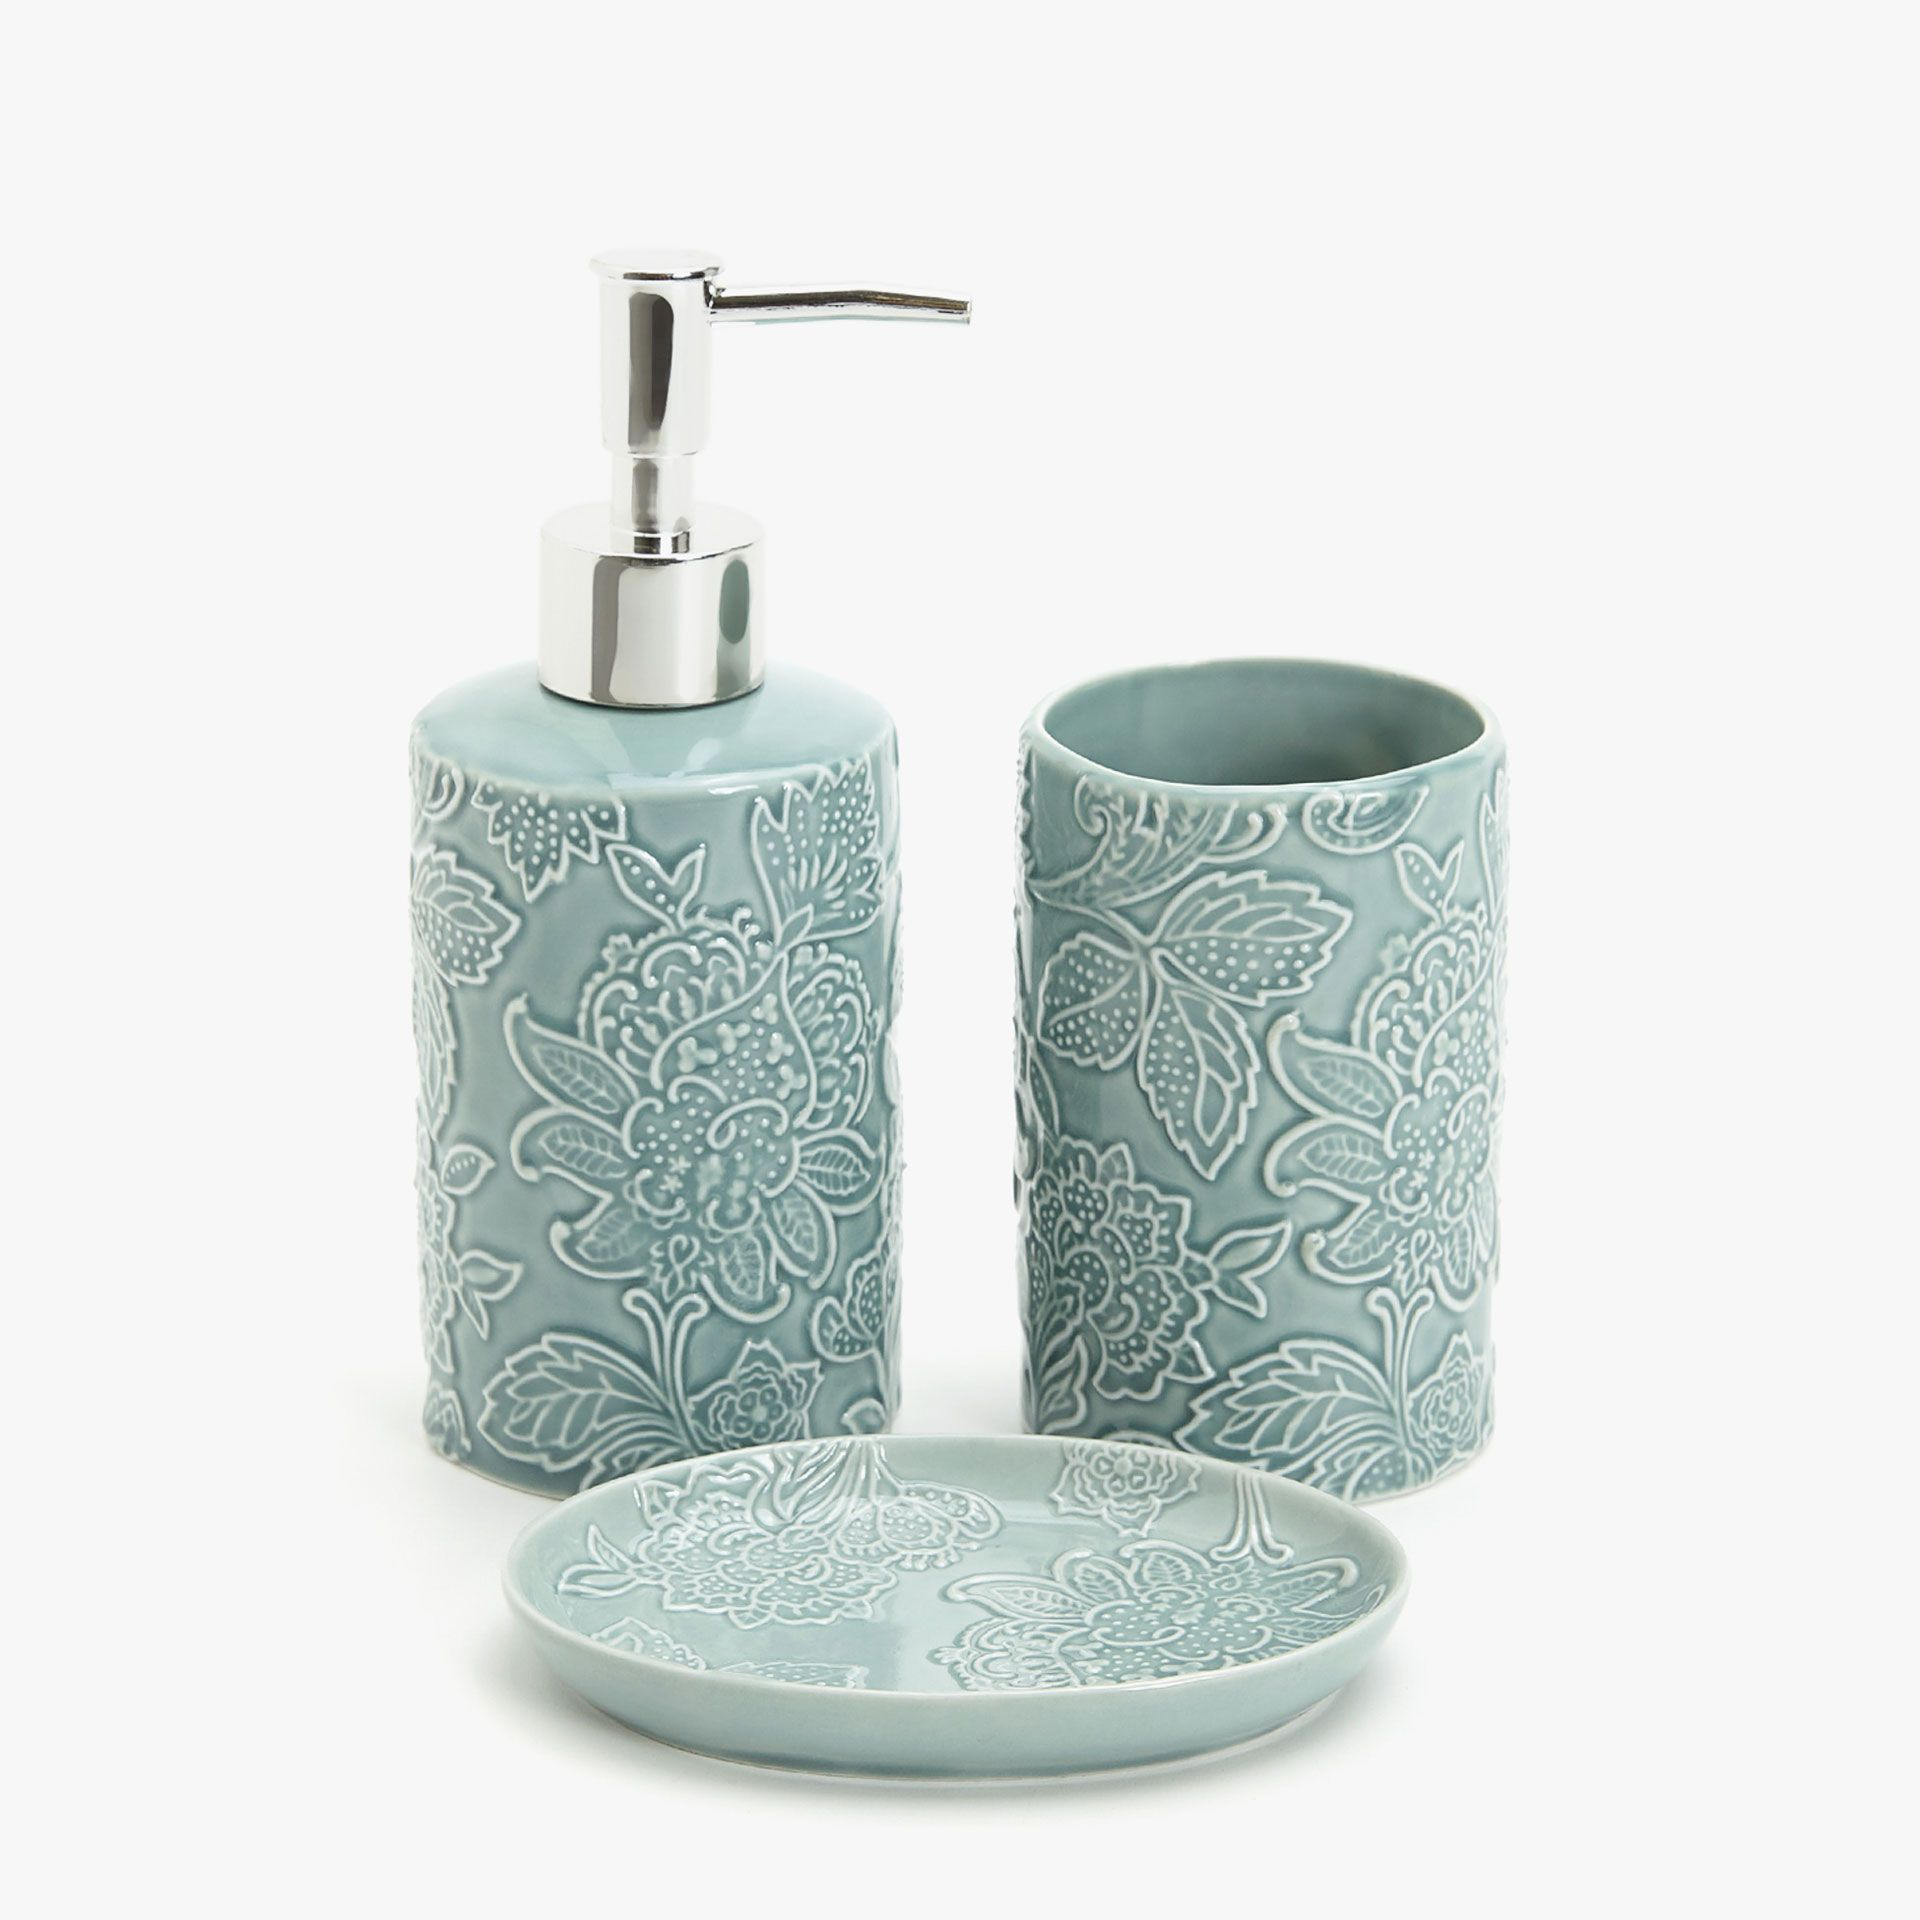 Аксессуары для ванной с цветочным узором синего цвета